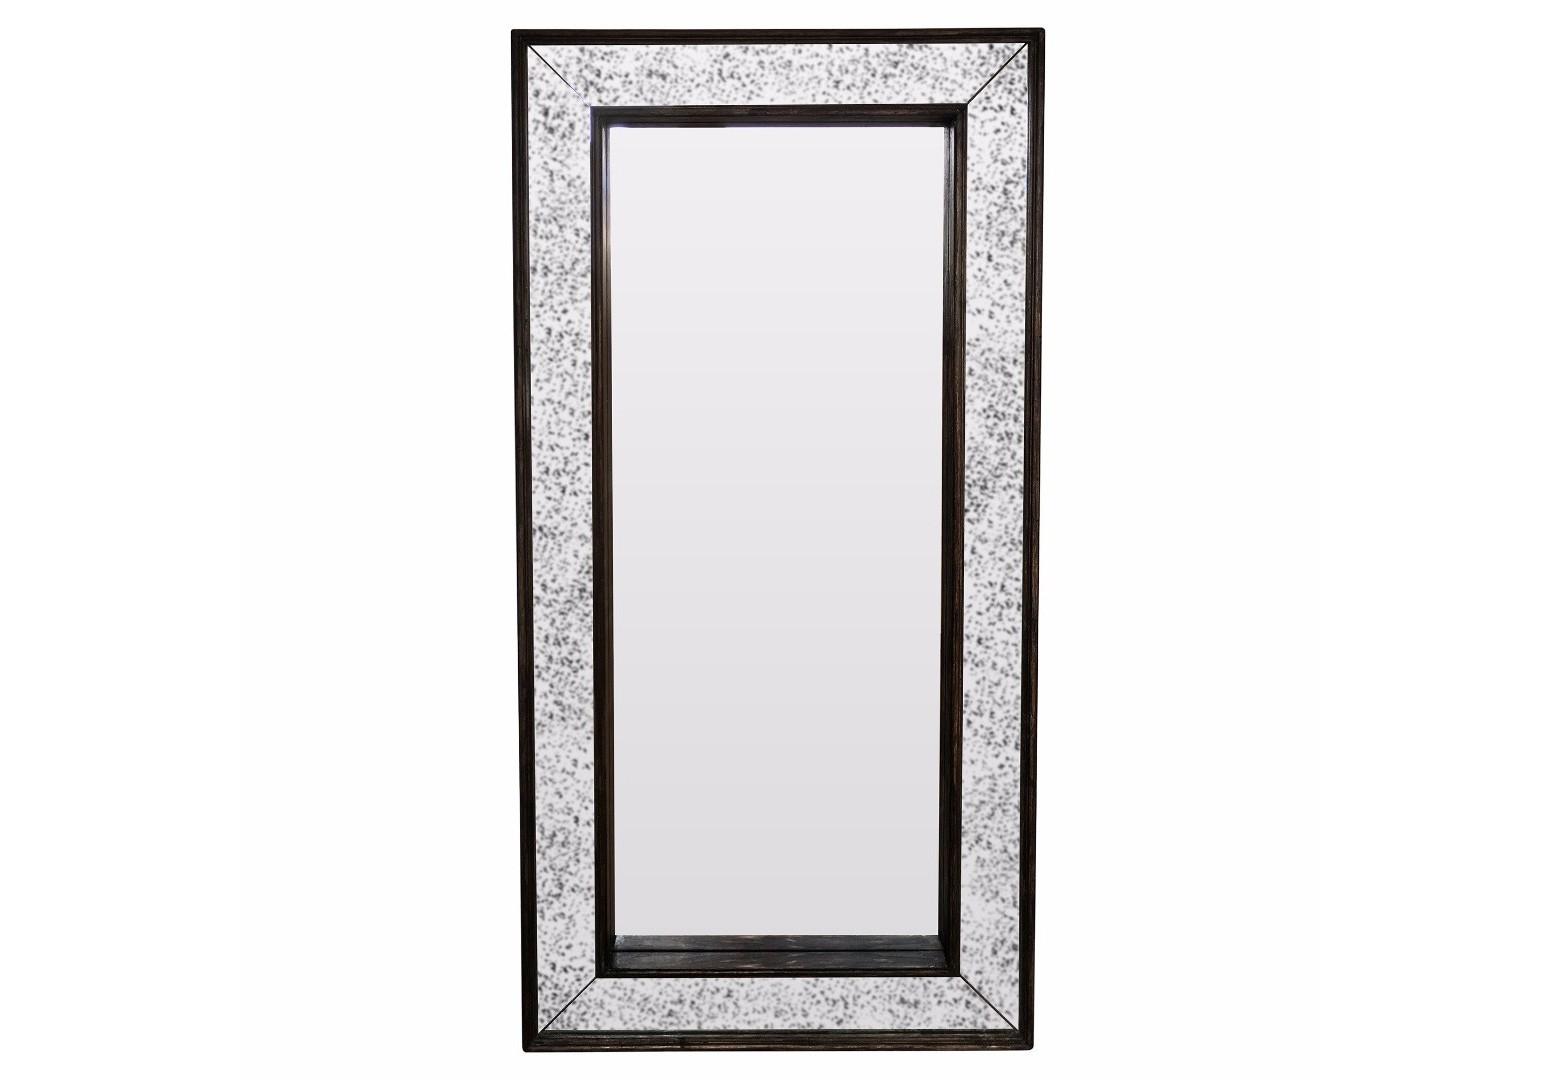 Зеркало MysticНастенные зеркала<br>Коллекции B-Home – это дизайнерские зеркала, зеркальная мебель и предметы интерьера. Все изделия от и до мы создаем сами в нашей мастерской. Каждое – это уникальное произведение, арт-объект со своей историей и мелодией. Мы следим за современными трендами, лично отбираем лучшие материалы и каждый день трудимся над созданием новых шедевров, которые будут радовать вас. Если вы ищете что-то действительно качественное, стоящее и эксклюзивное, что сделано с душой и руками человека, BountyHome придется вам по вкусу!Материал: массив дерева, состаренное зеркало, классическое зеркало.<br><br>kit: None<br>gender: None